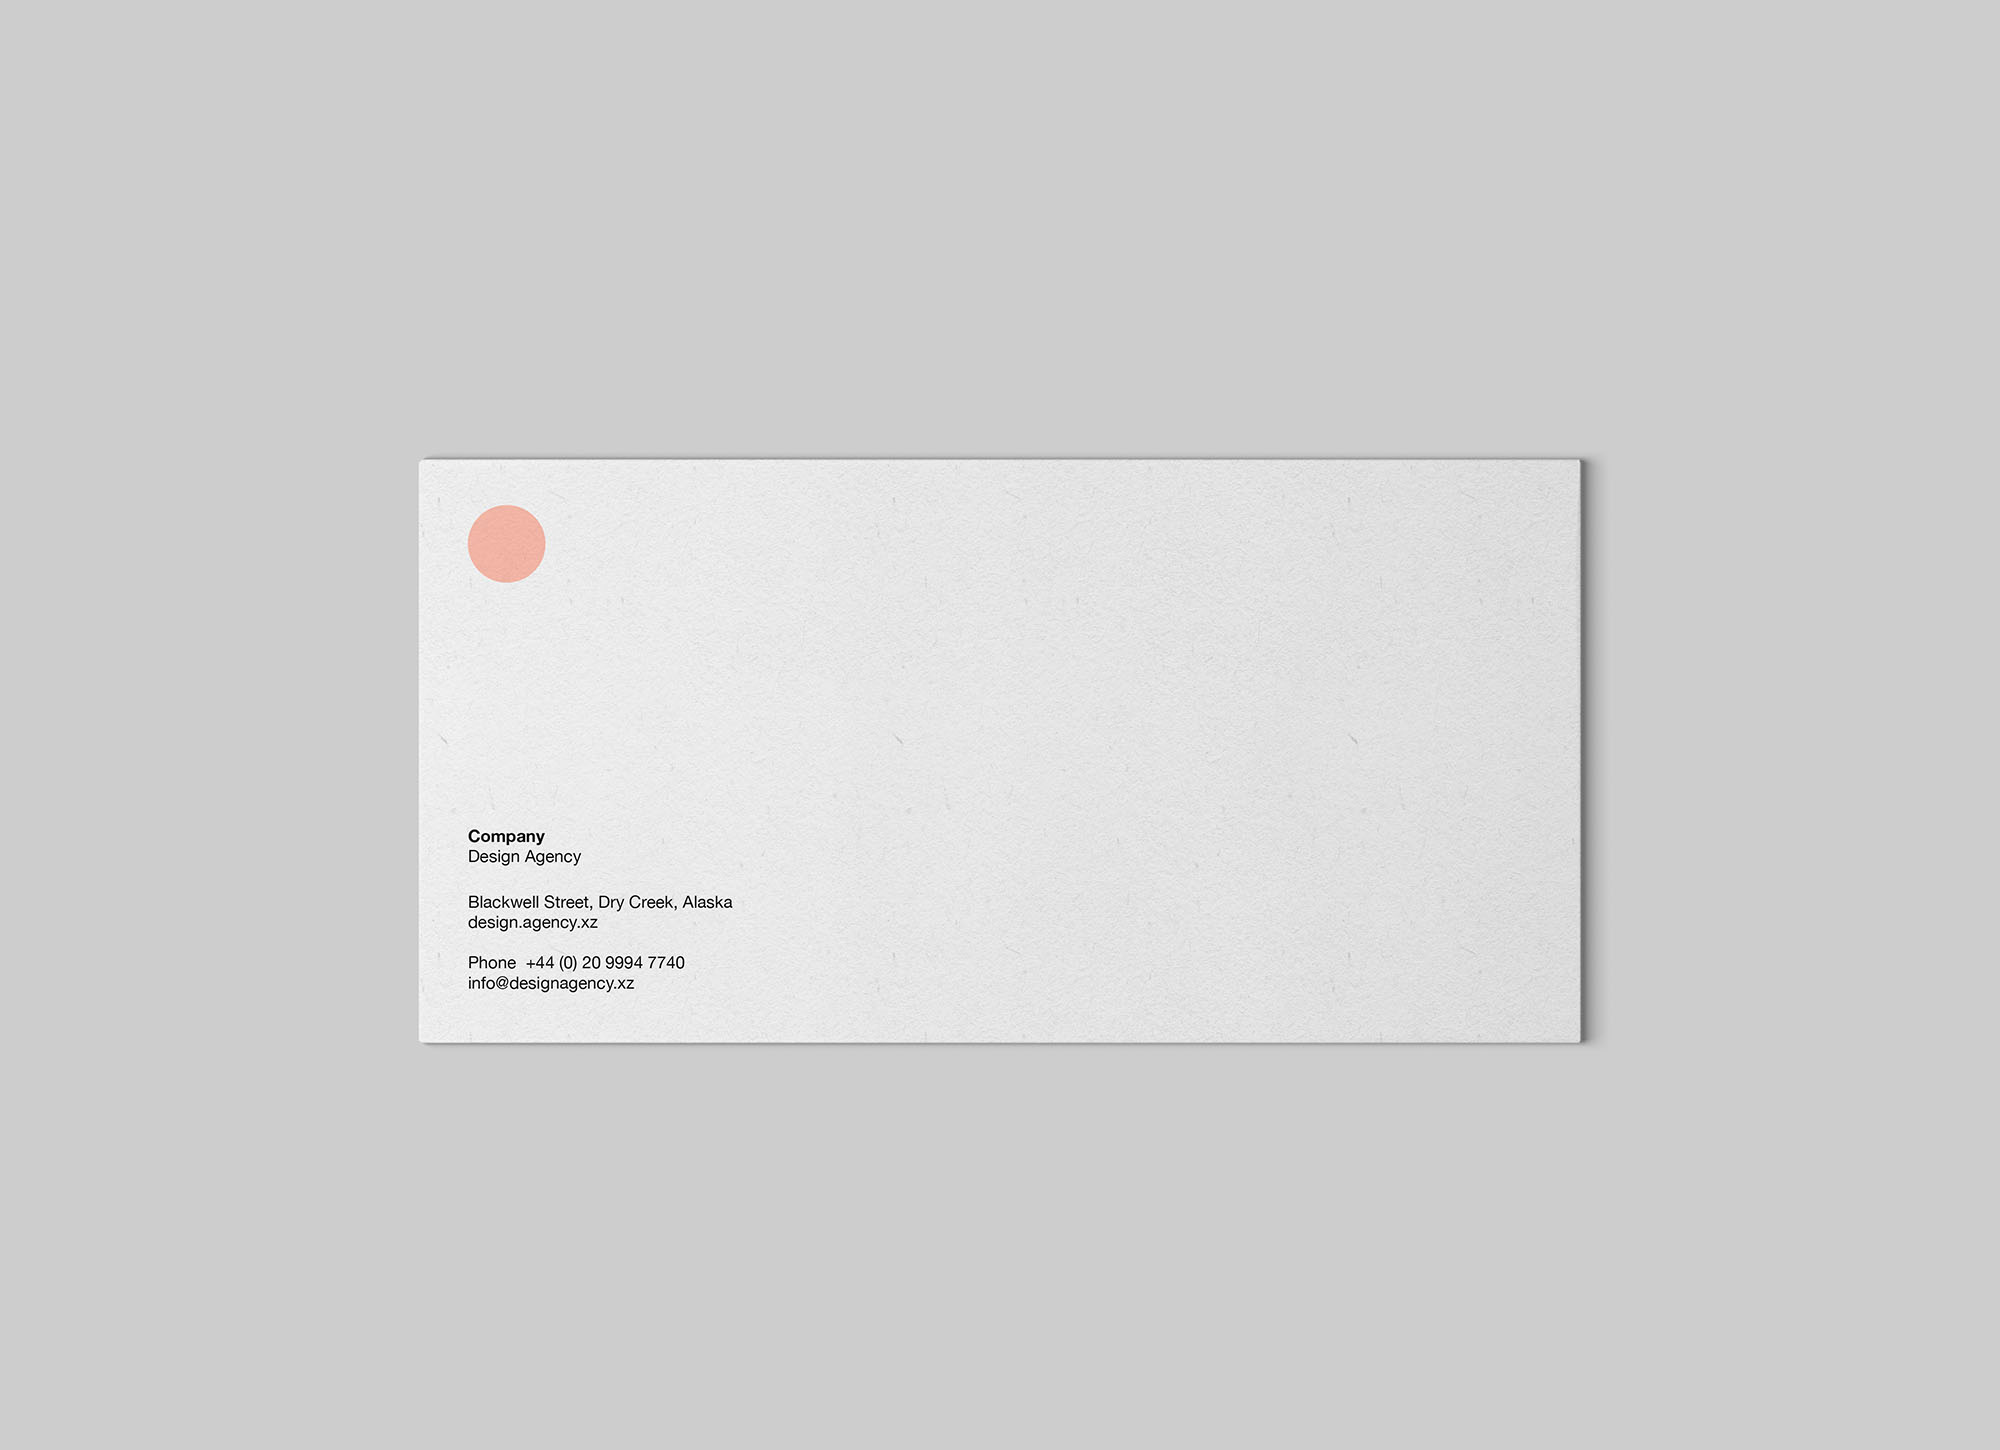 DL Envelope Mockup